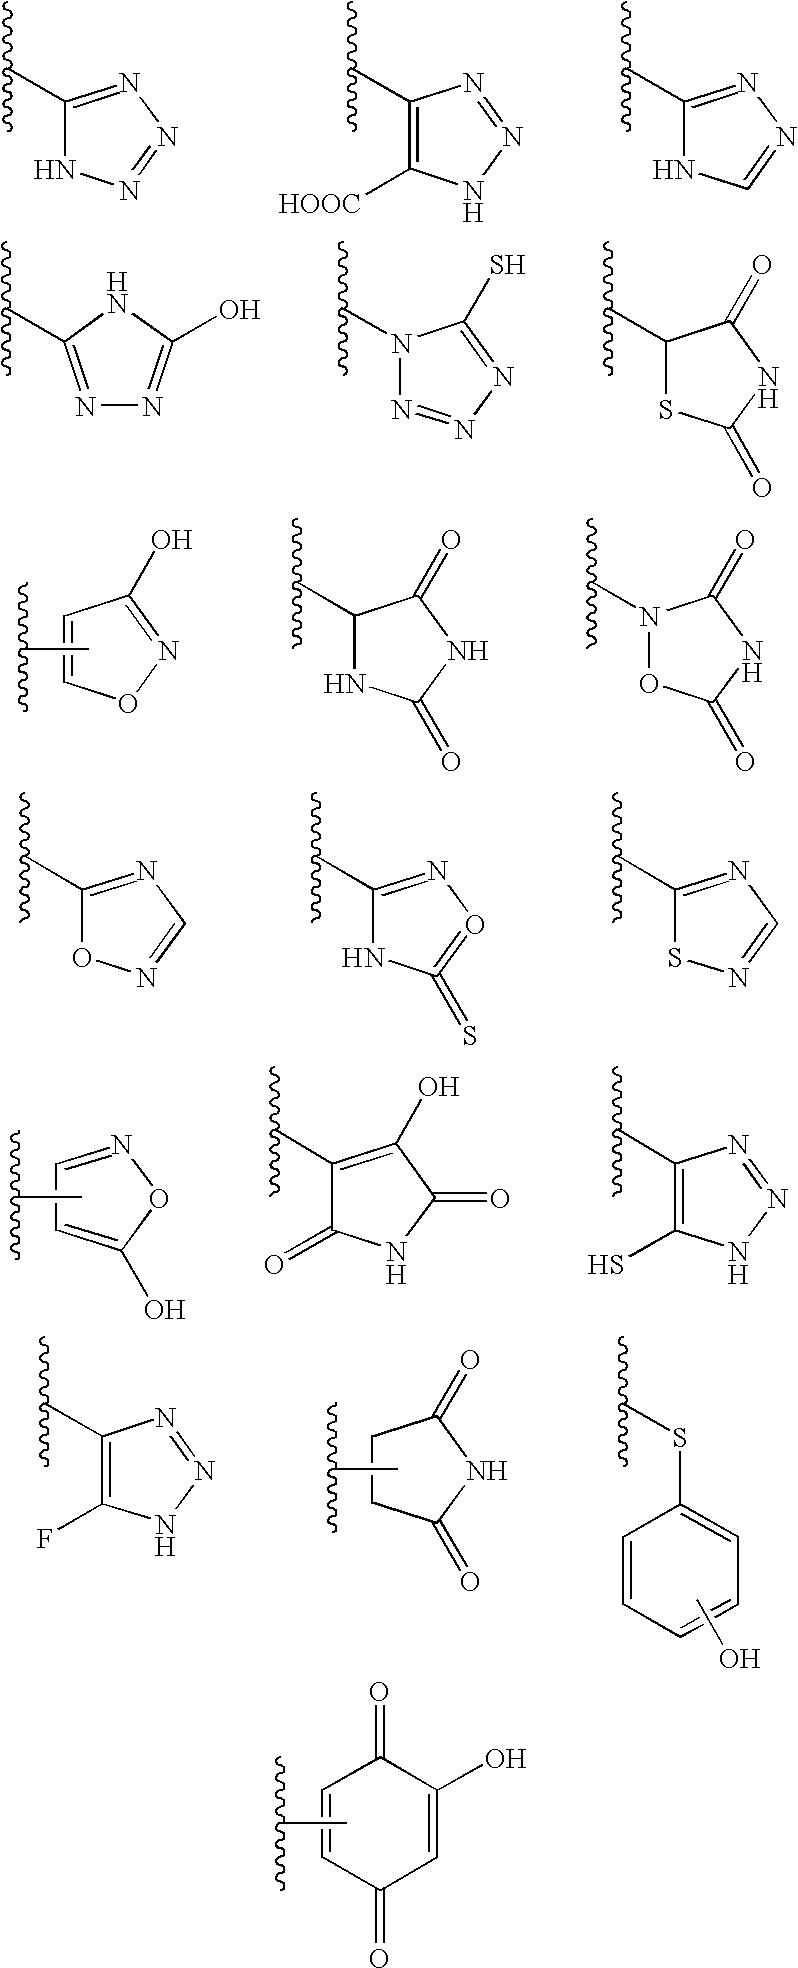 Figure US07253169-20070807-C00002